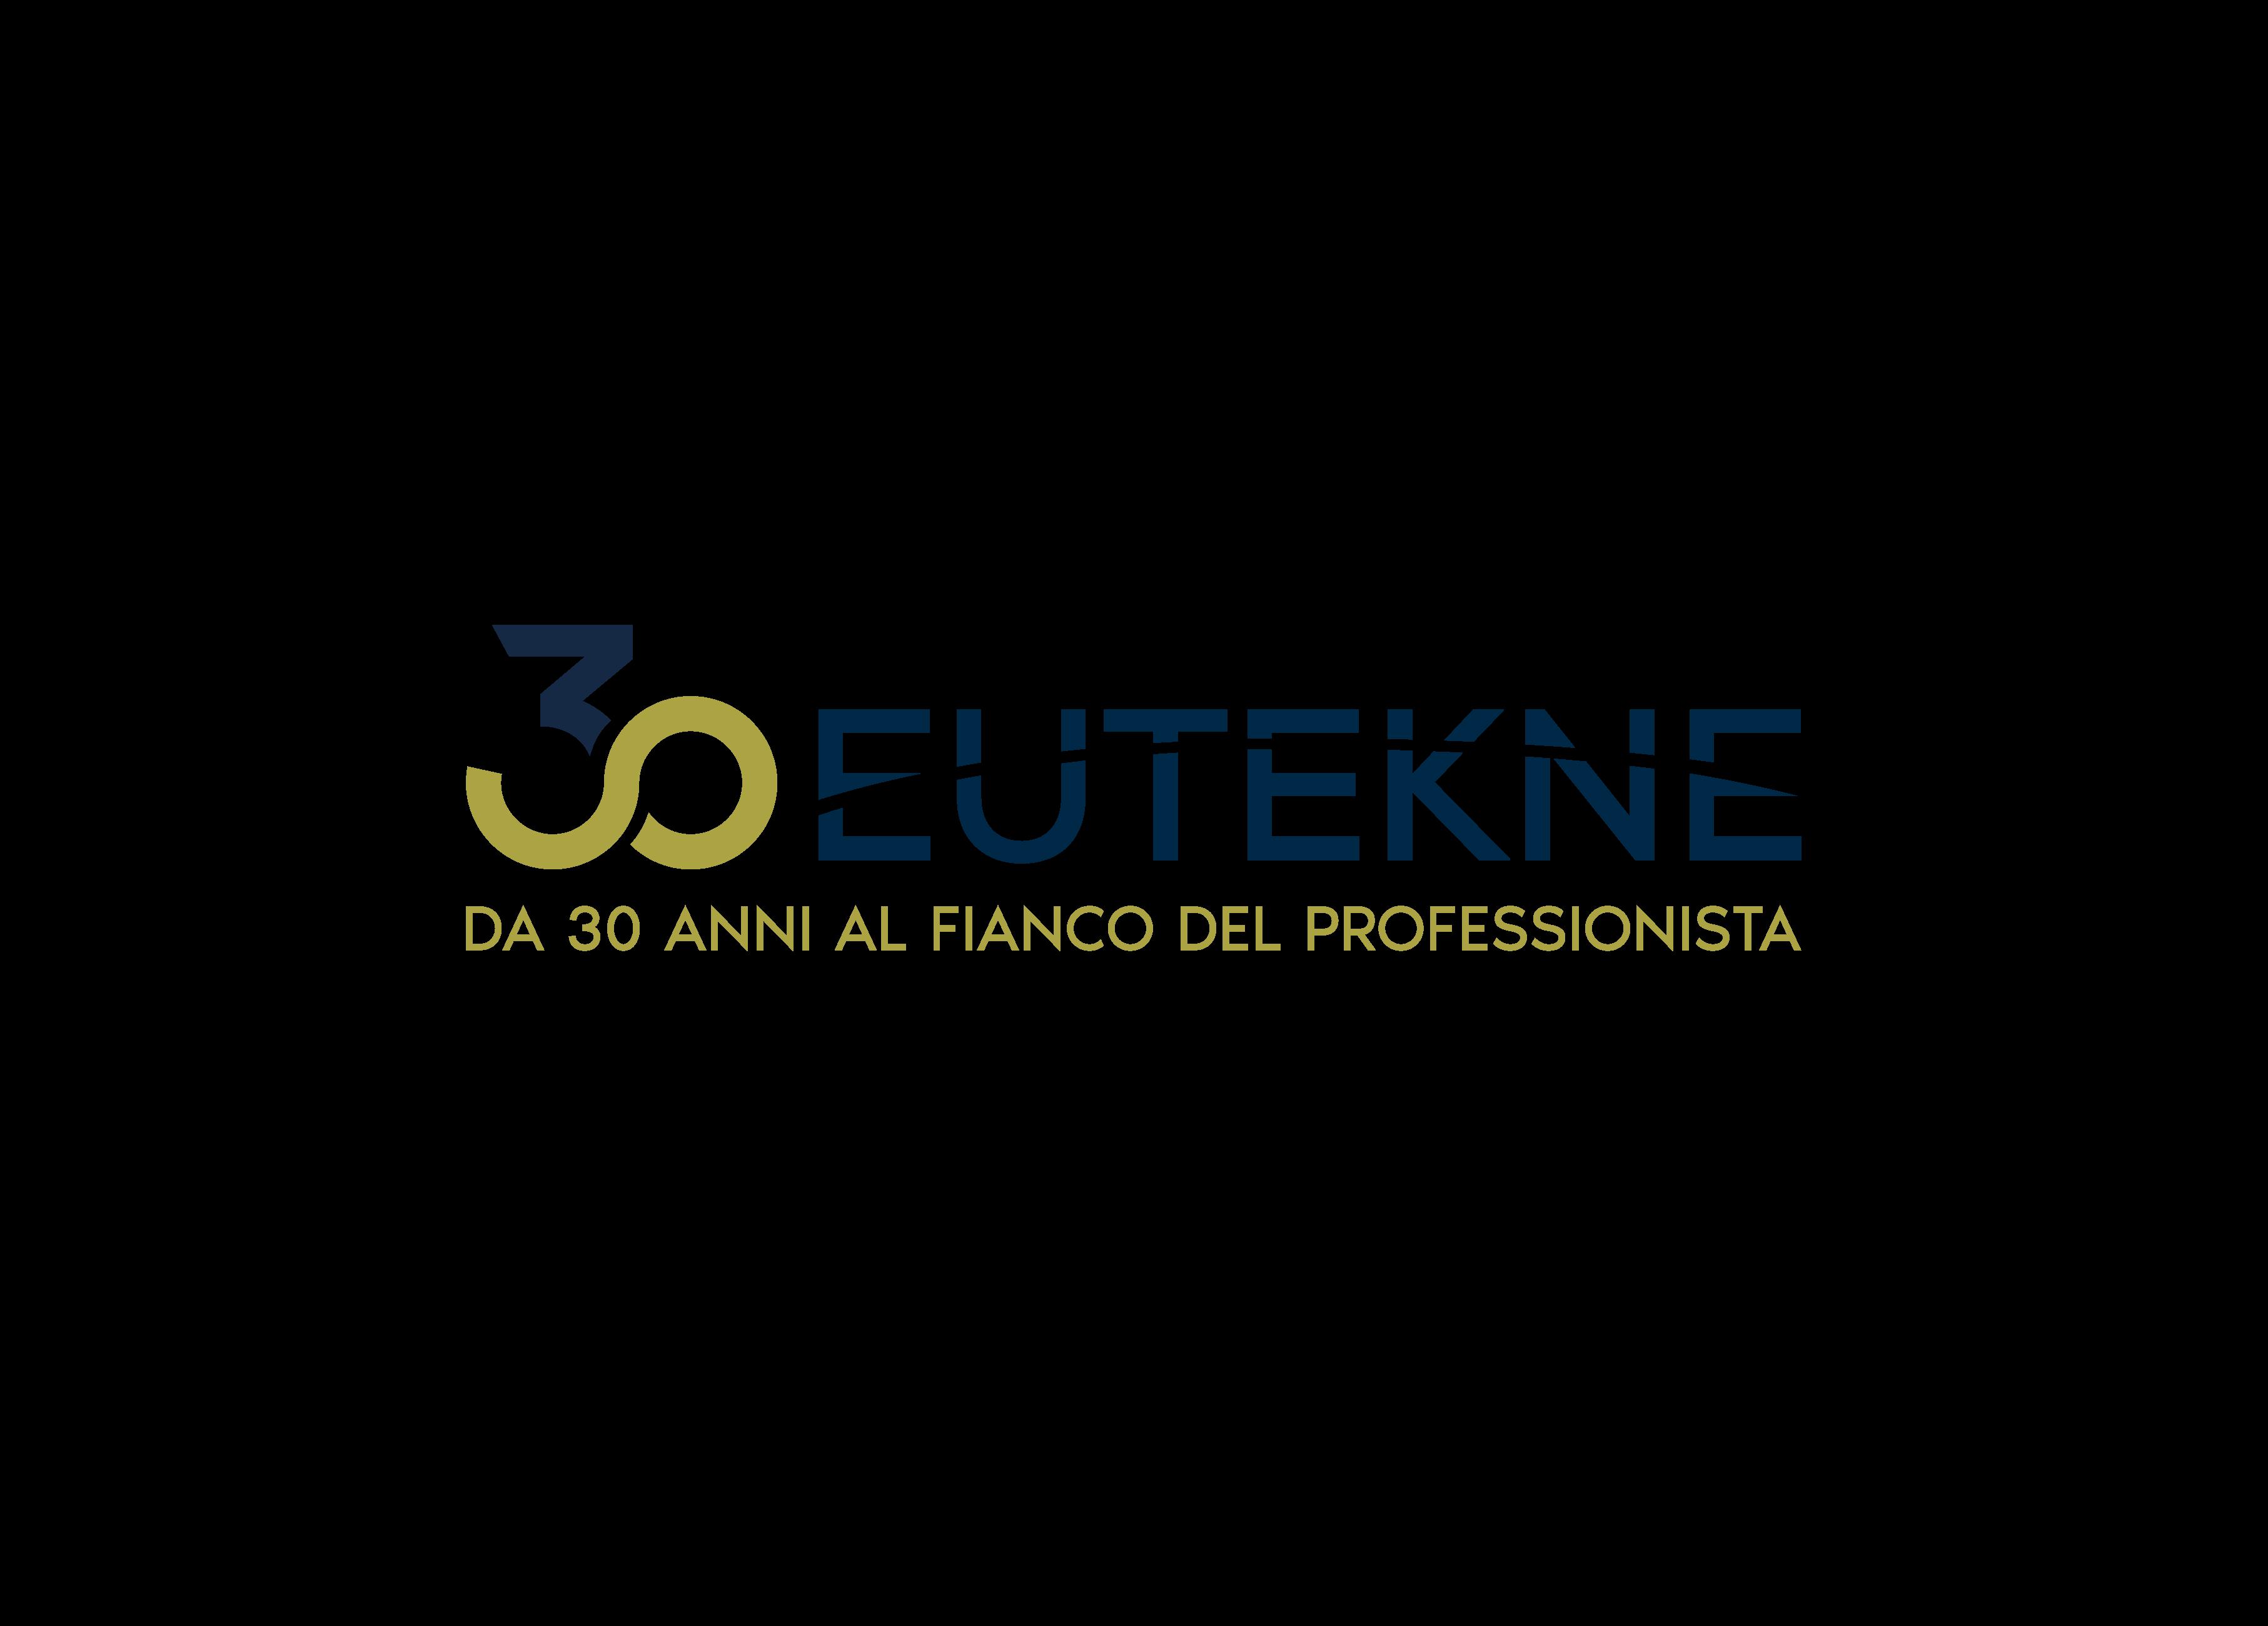 Eutekne SpA